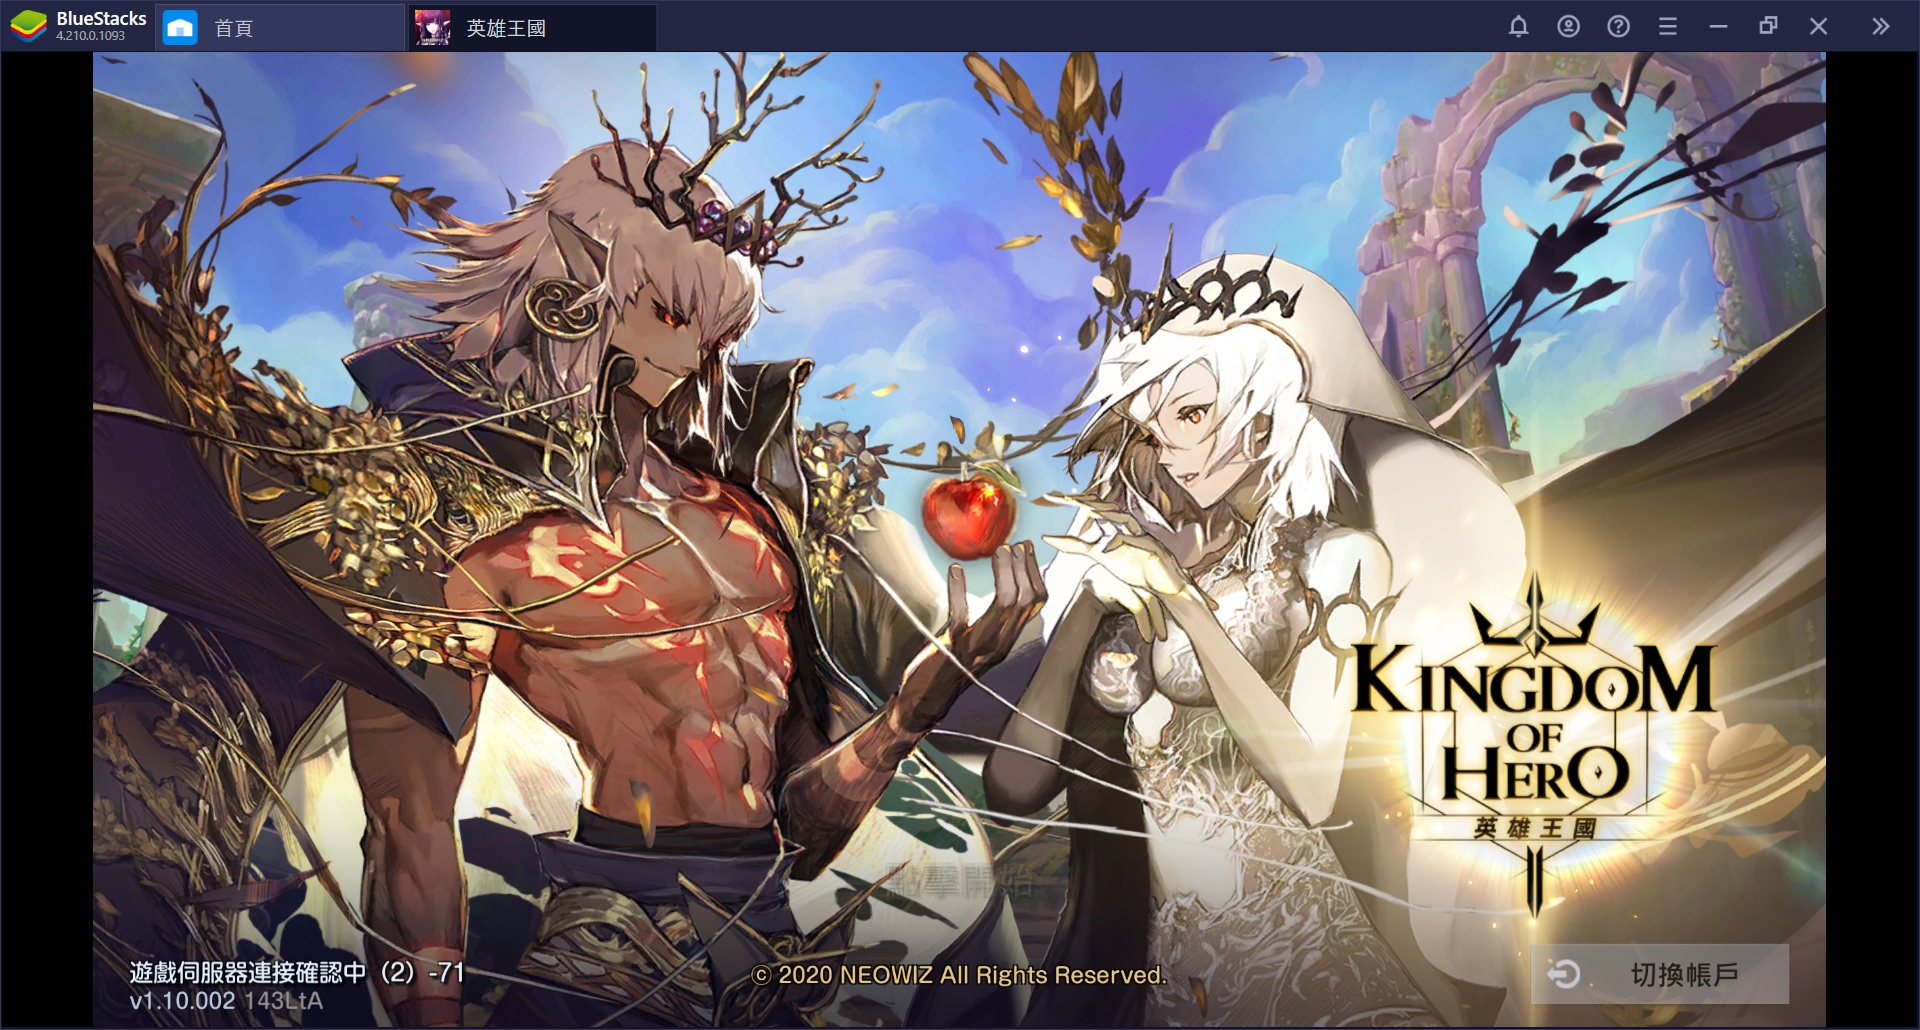 使用BlueStacks在PC上遊玩韓國策略 RPG《Kingdom of Hero:英雄王國》